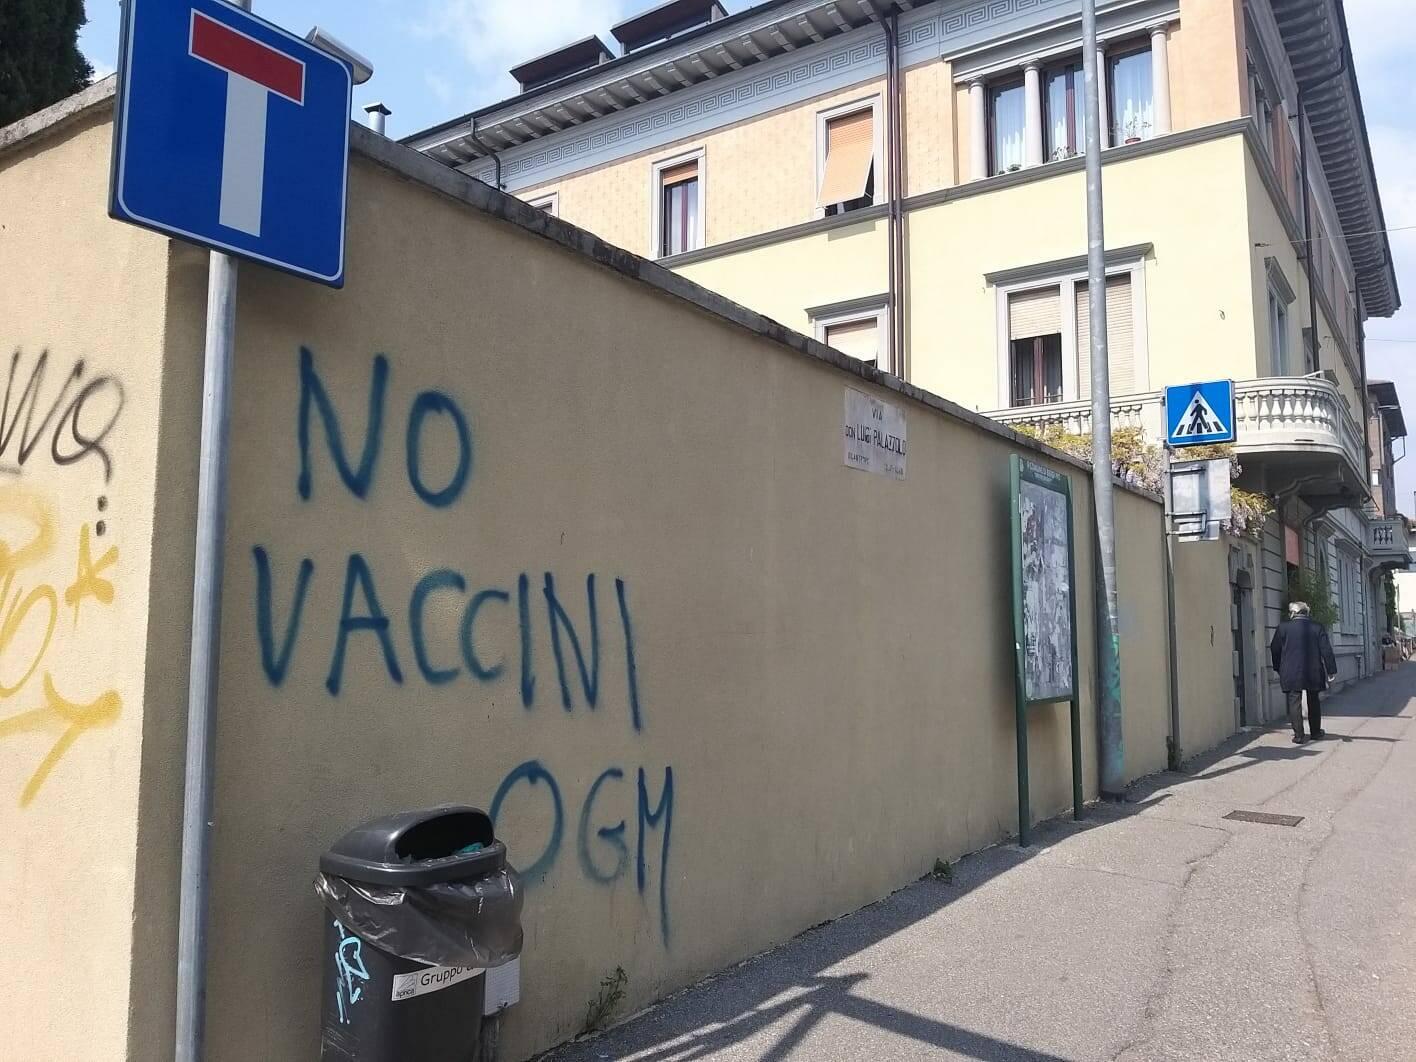 Bergamo invasa da scritte negazioniste e no vax